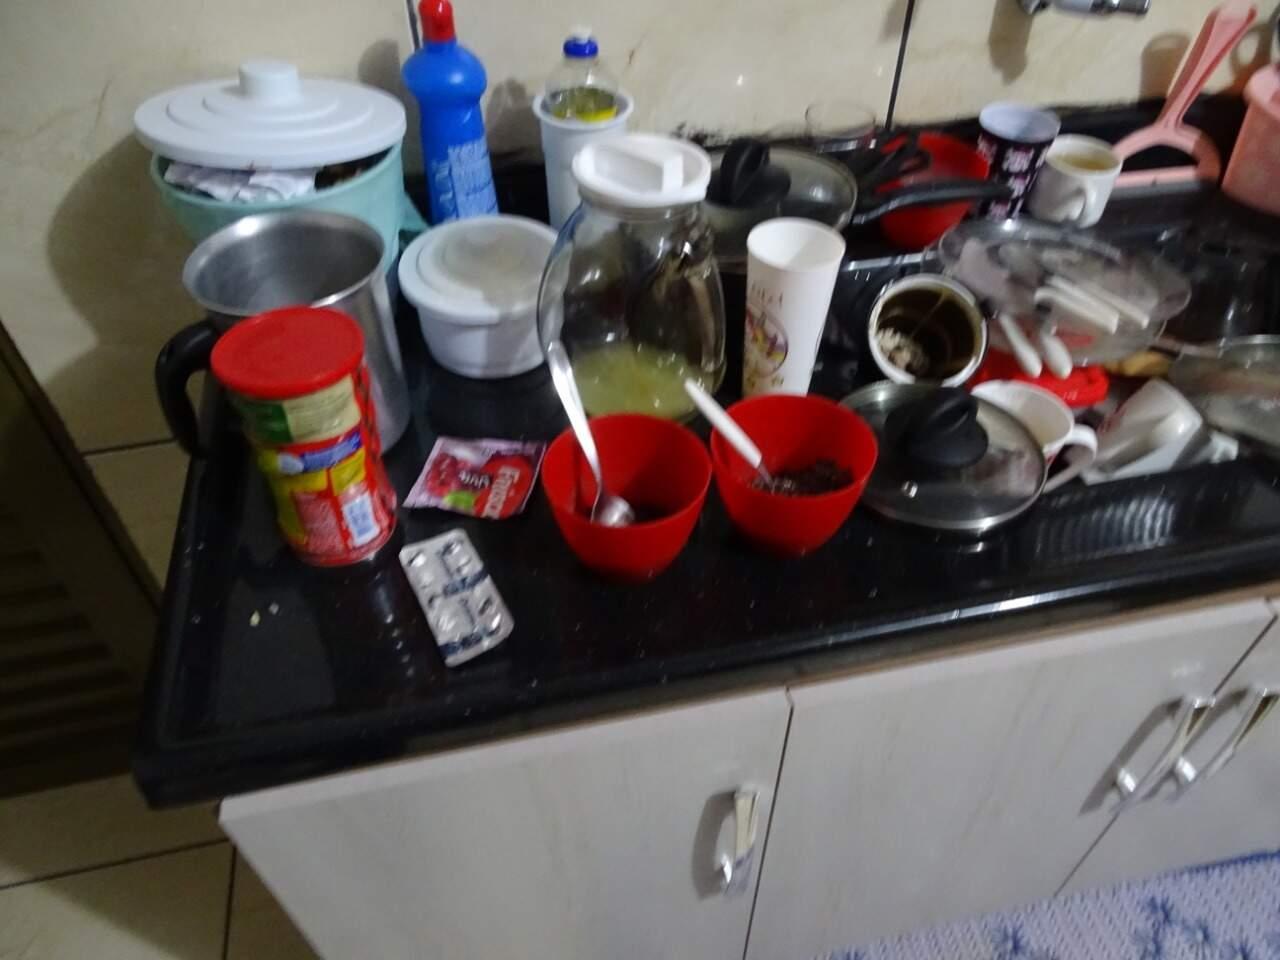 Vasilhas com alimentos e até jarra com resto de suco foram encontrados em cima da pia da casa. (Foto: Divulgação/PC)